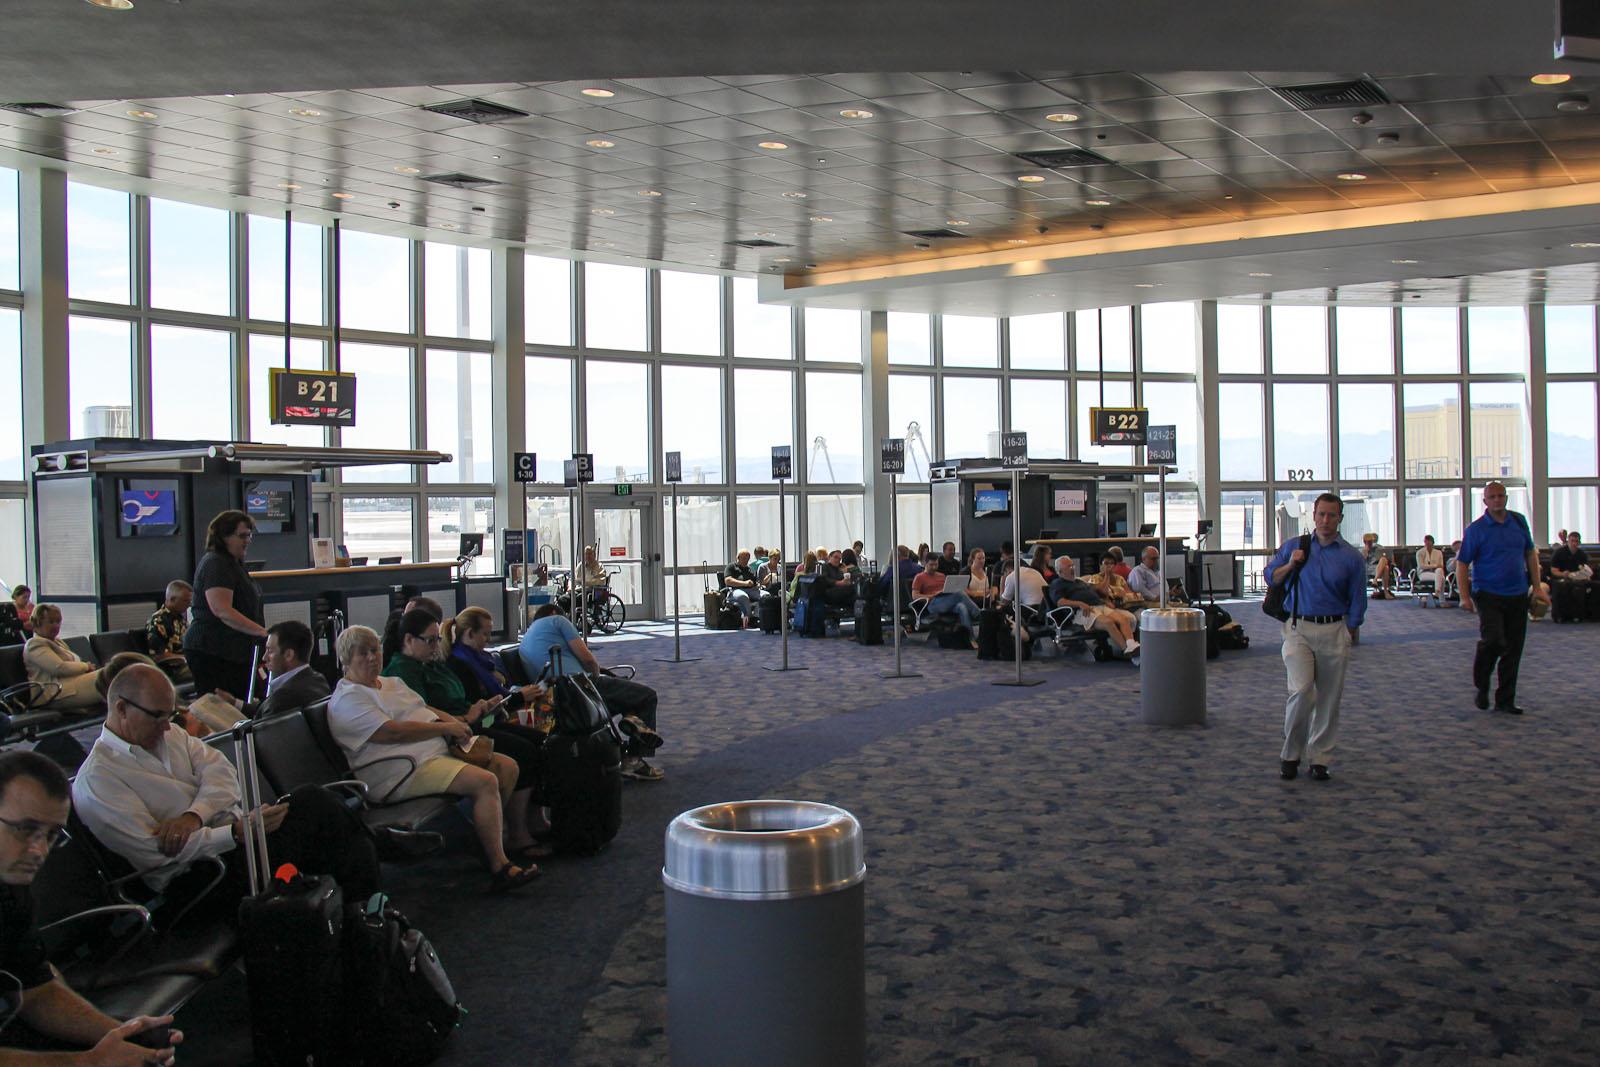 Выходы на посадку в конкорсе B терминала 1 аэропорта Лас-Вегас Мак-Каран